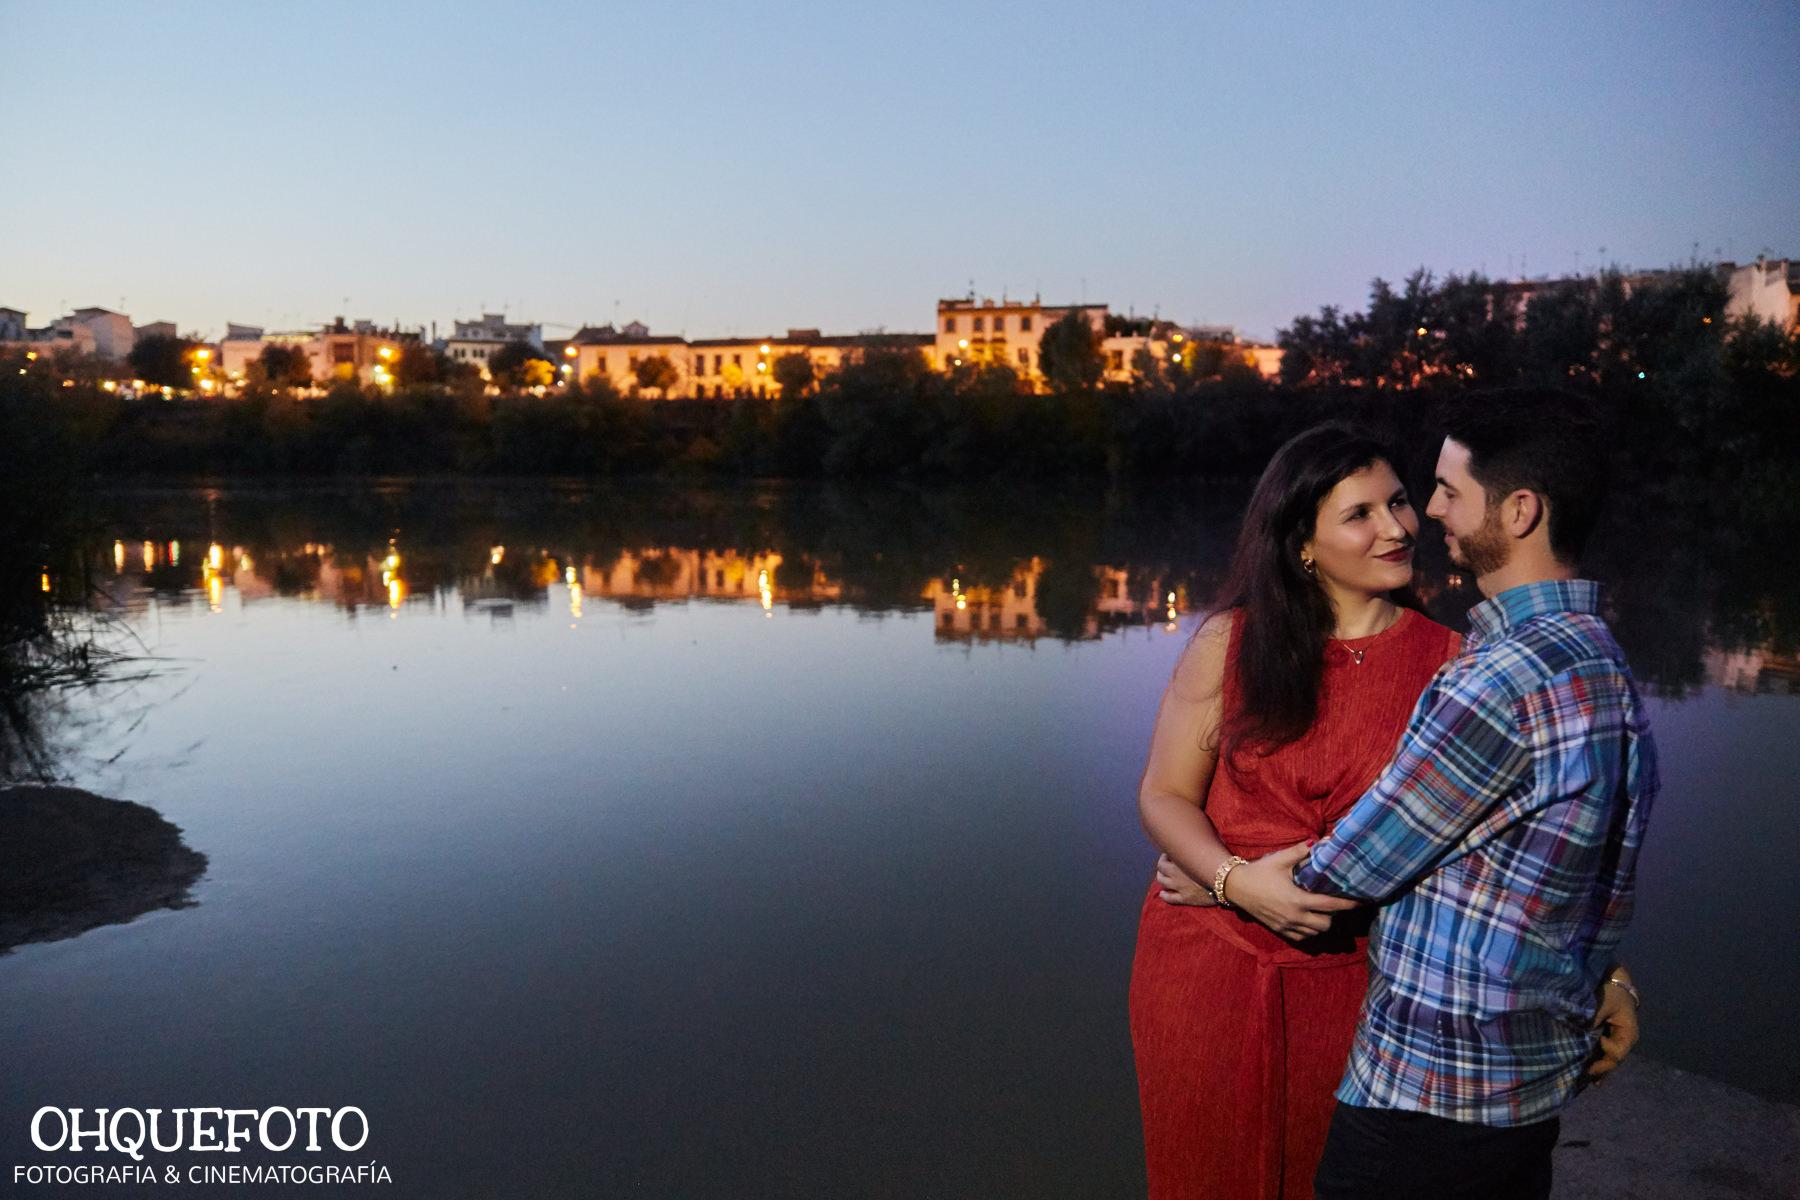 reportaje de preboda en cordoba ohquefoto fotos de boda en la mezquita de cordoba video de boda390 - Preboda en Córdoba de Roberto y Ana Belén